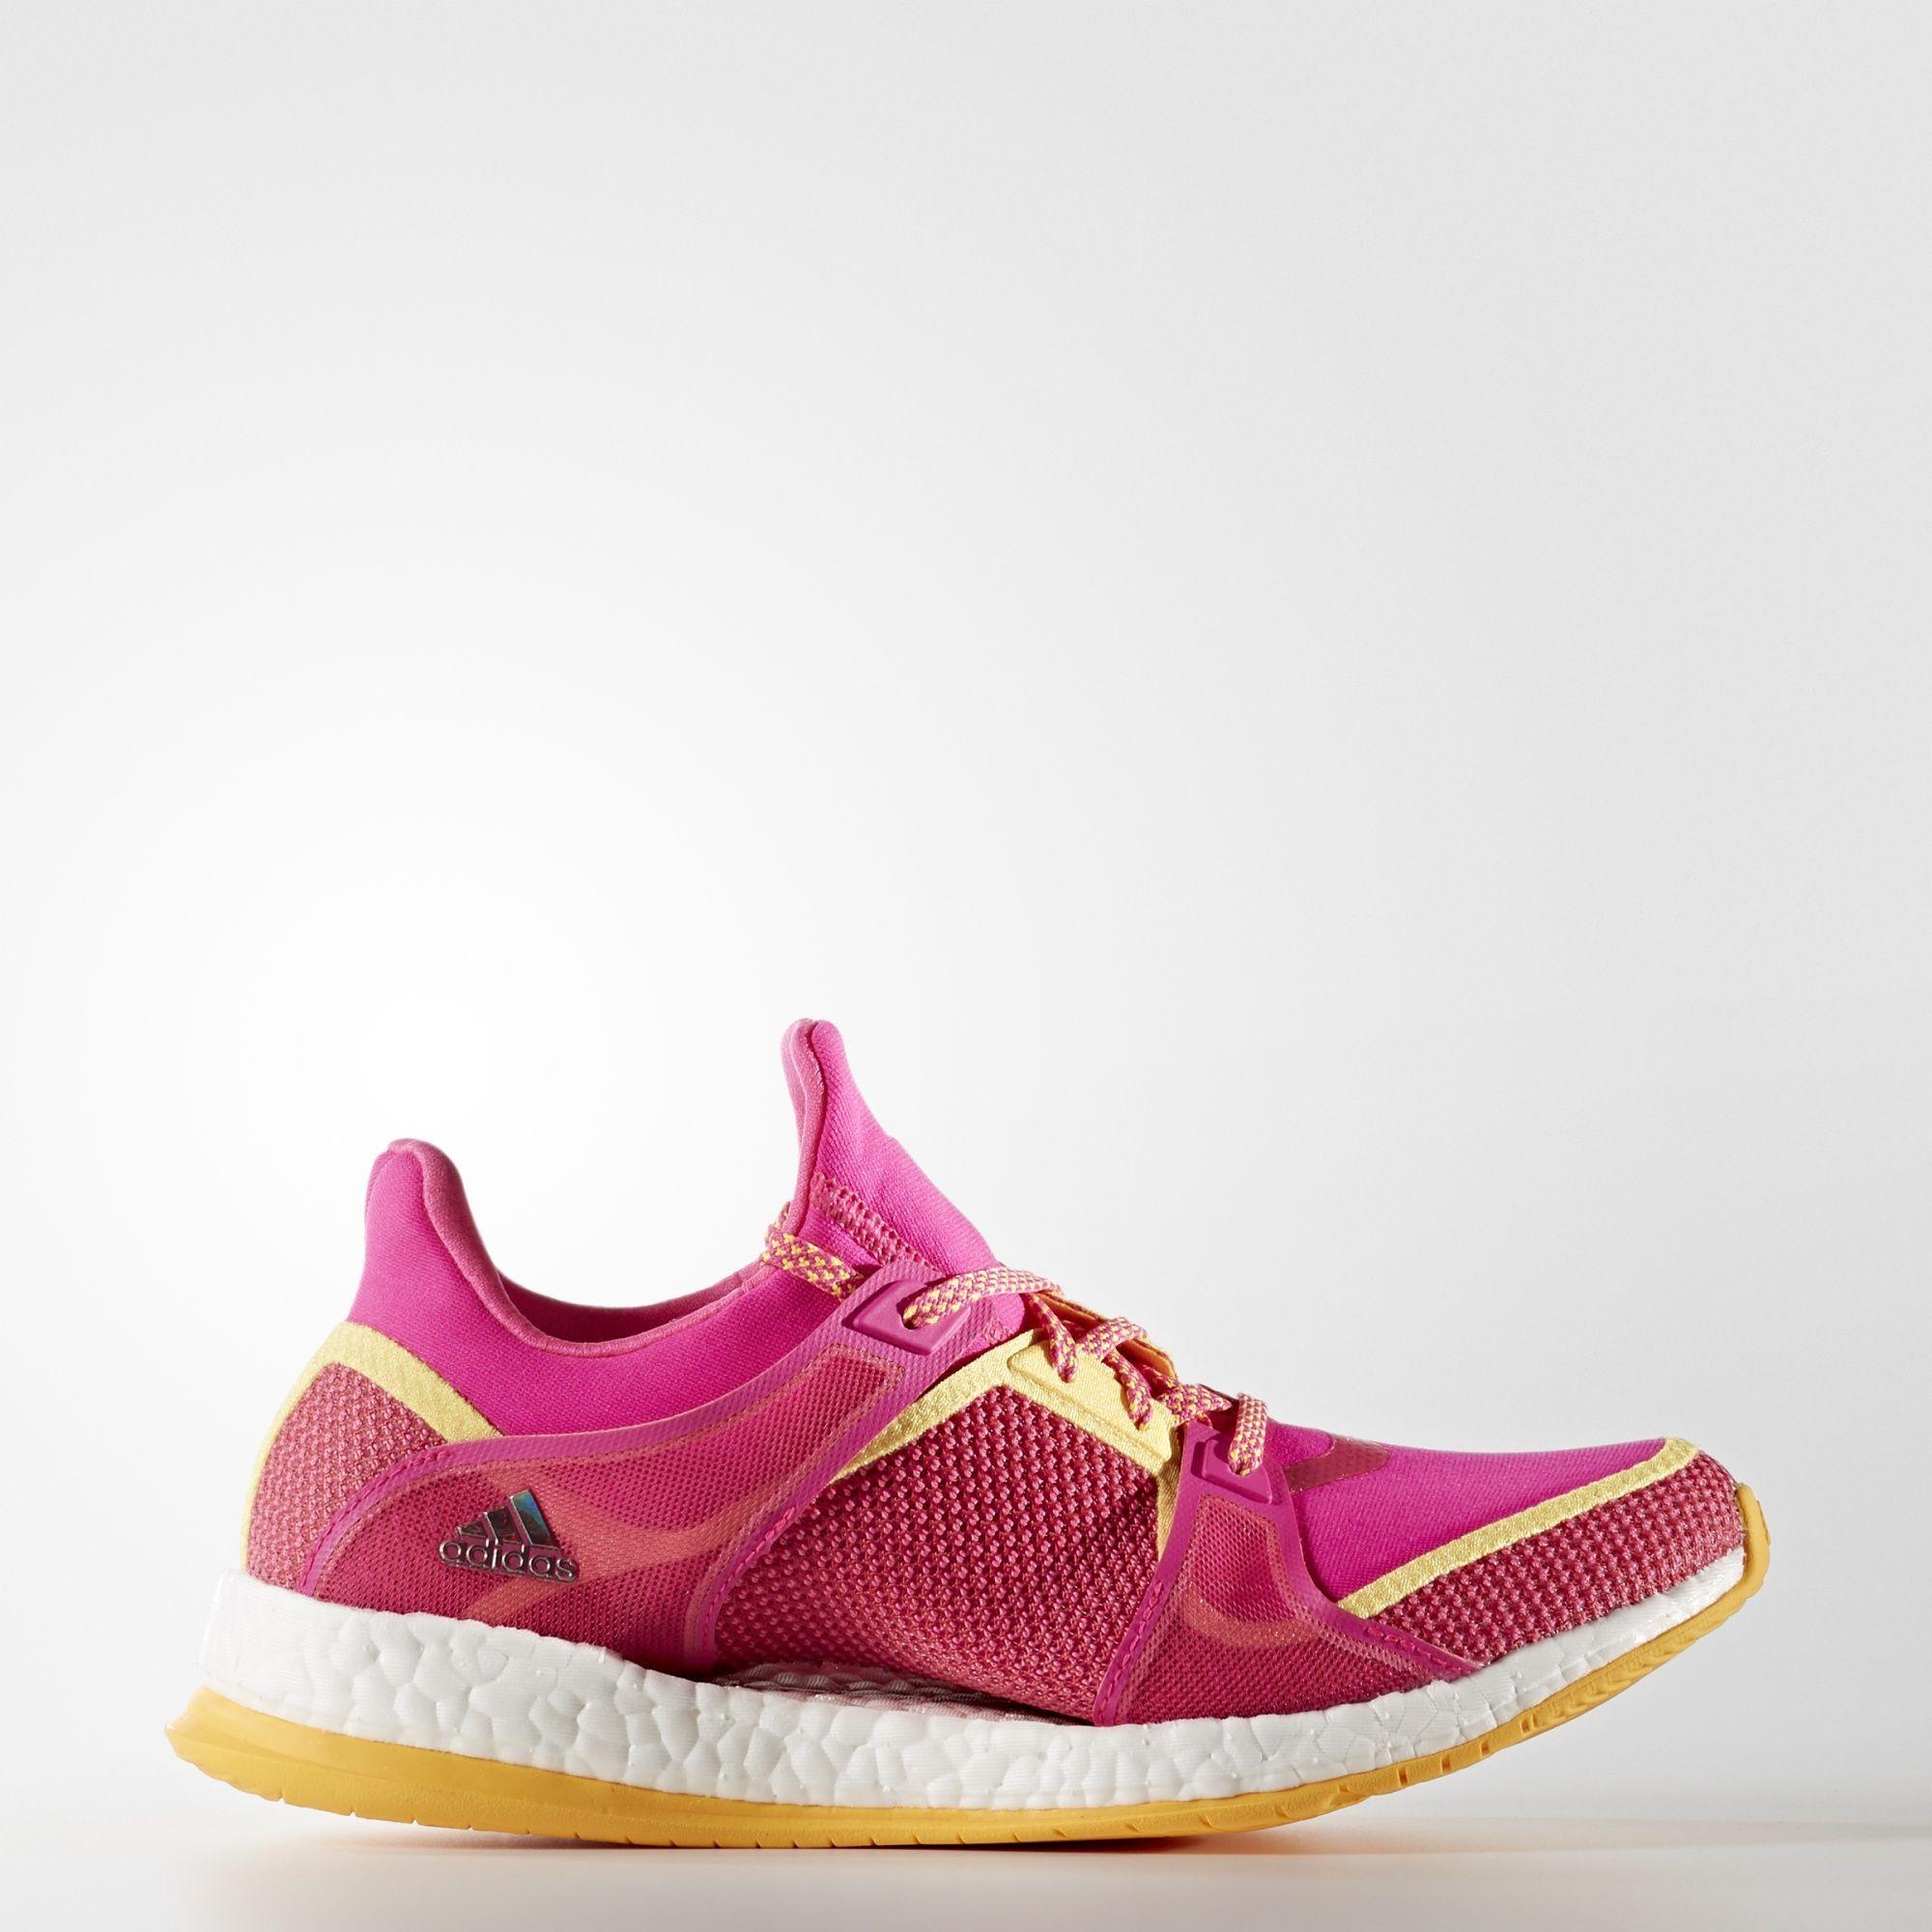 Adidas Puro Slancio X Formazione Scarpe Stile Pinterest.